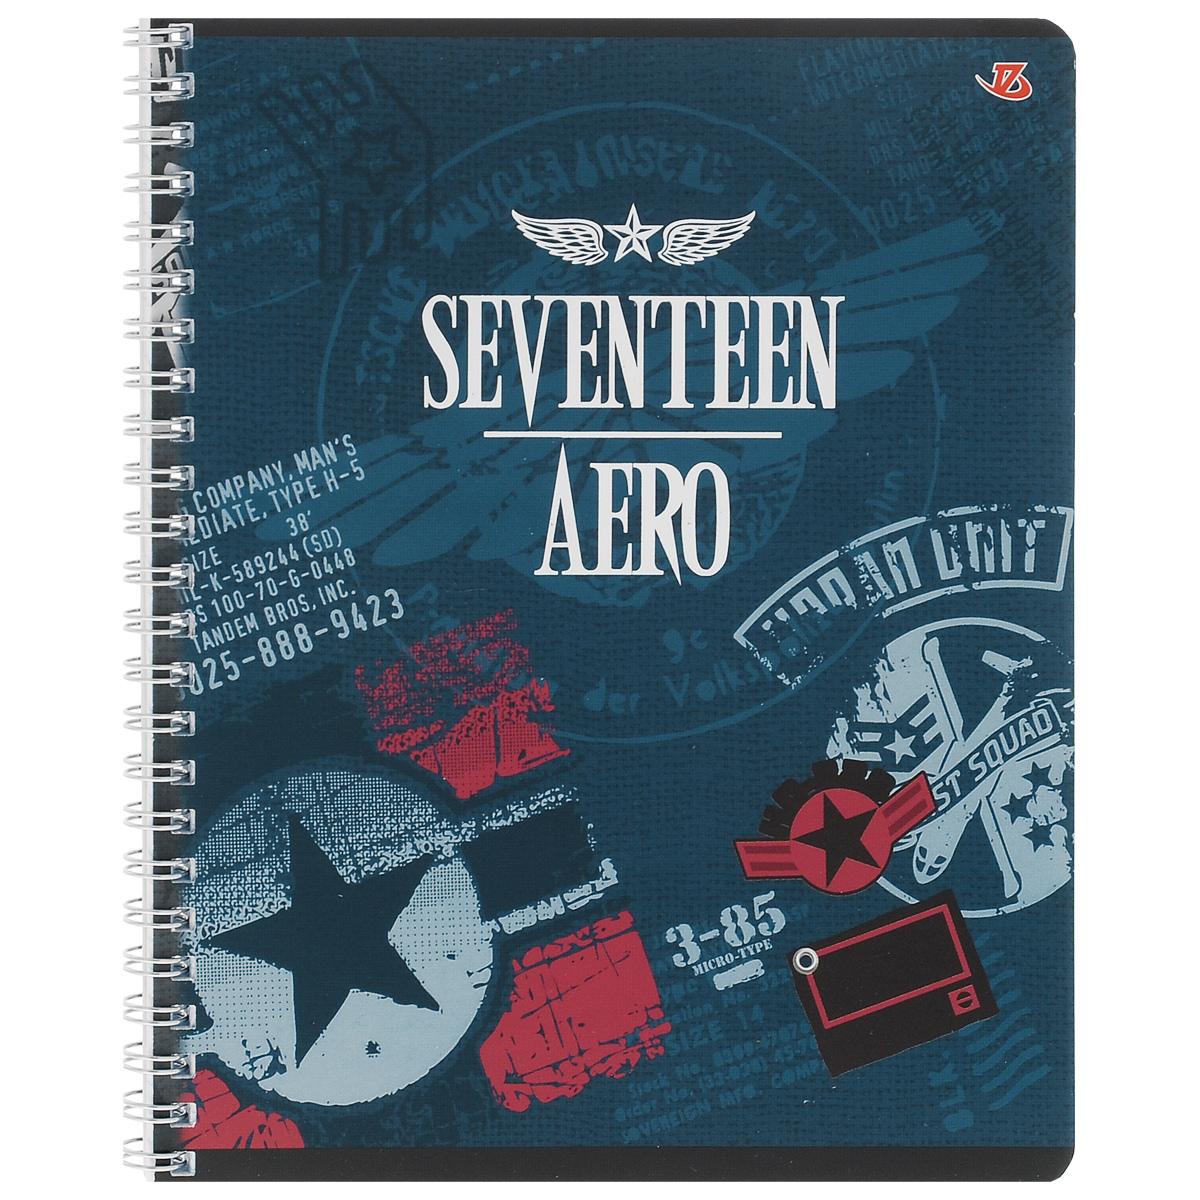 Тетрадь в клетку Seventeen Aero, цвет: синий, 80 листов. 6659/36659/3_СинийТетрадь Seventeen Aero подойдет для любых работ и студенту, и школьнику. Фактурная обложка тетради с элементами серебряного тиснения выполнена из мелованного картона с закругленными углами. Внутренний блок тетради соединен металлической пружиной и состоит из 80 листов высококачественной бумаги повышенной белизны.